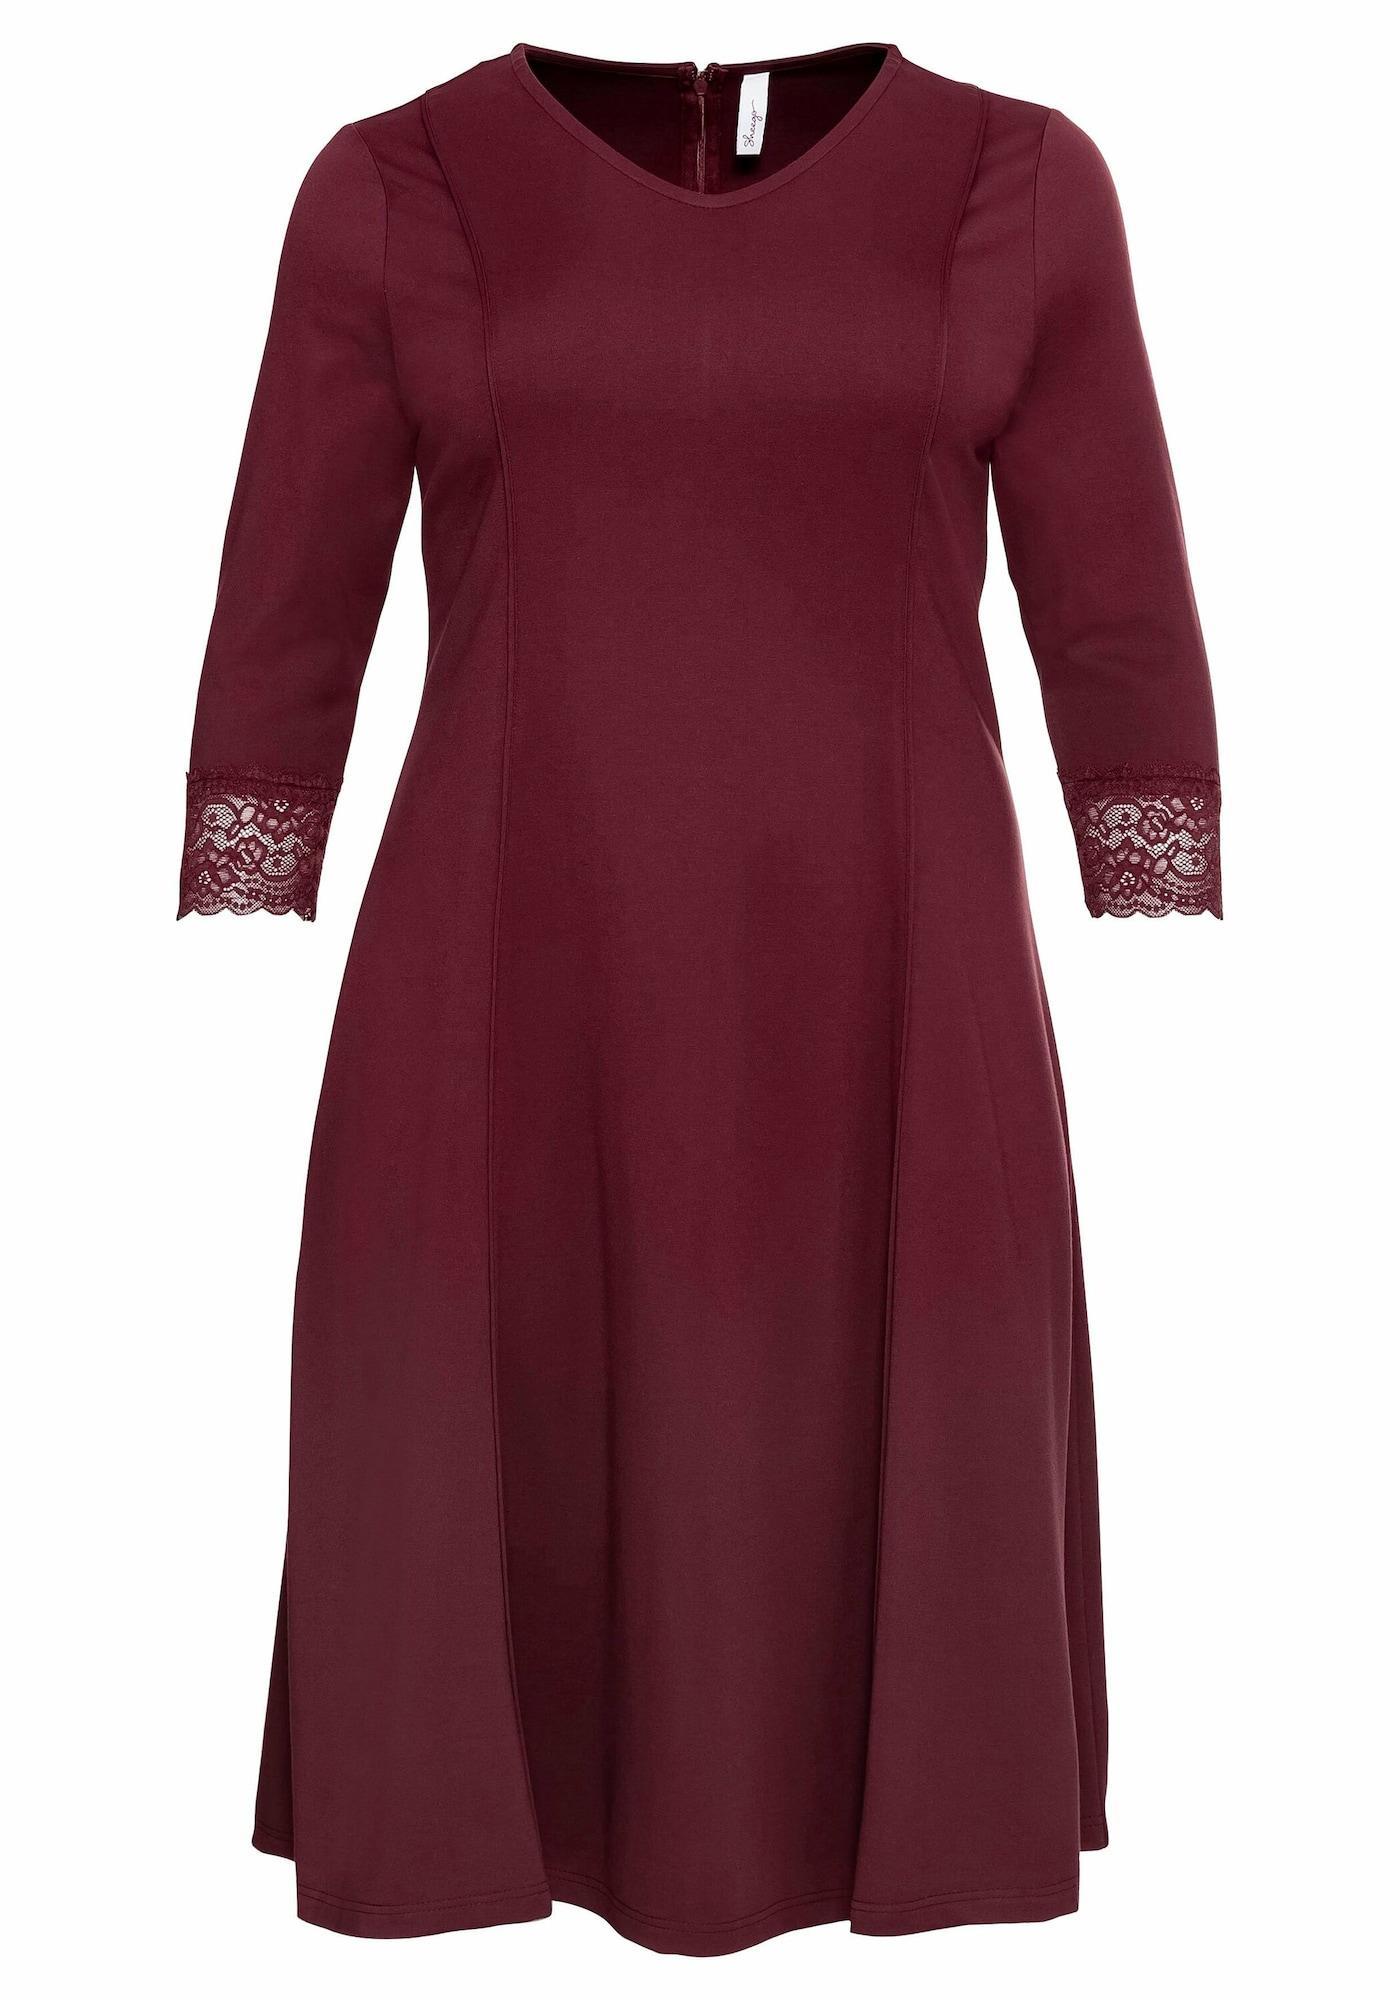 SHEEGO Trumpa kokteilinė suknelė vyšninė spalva